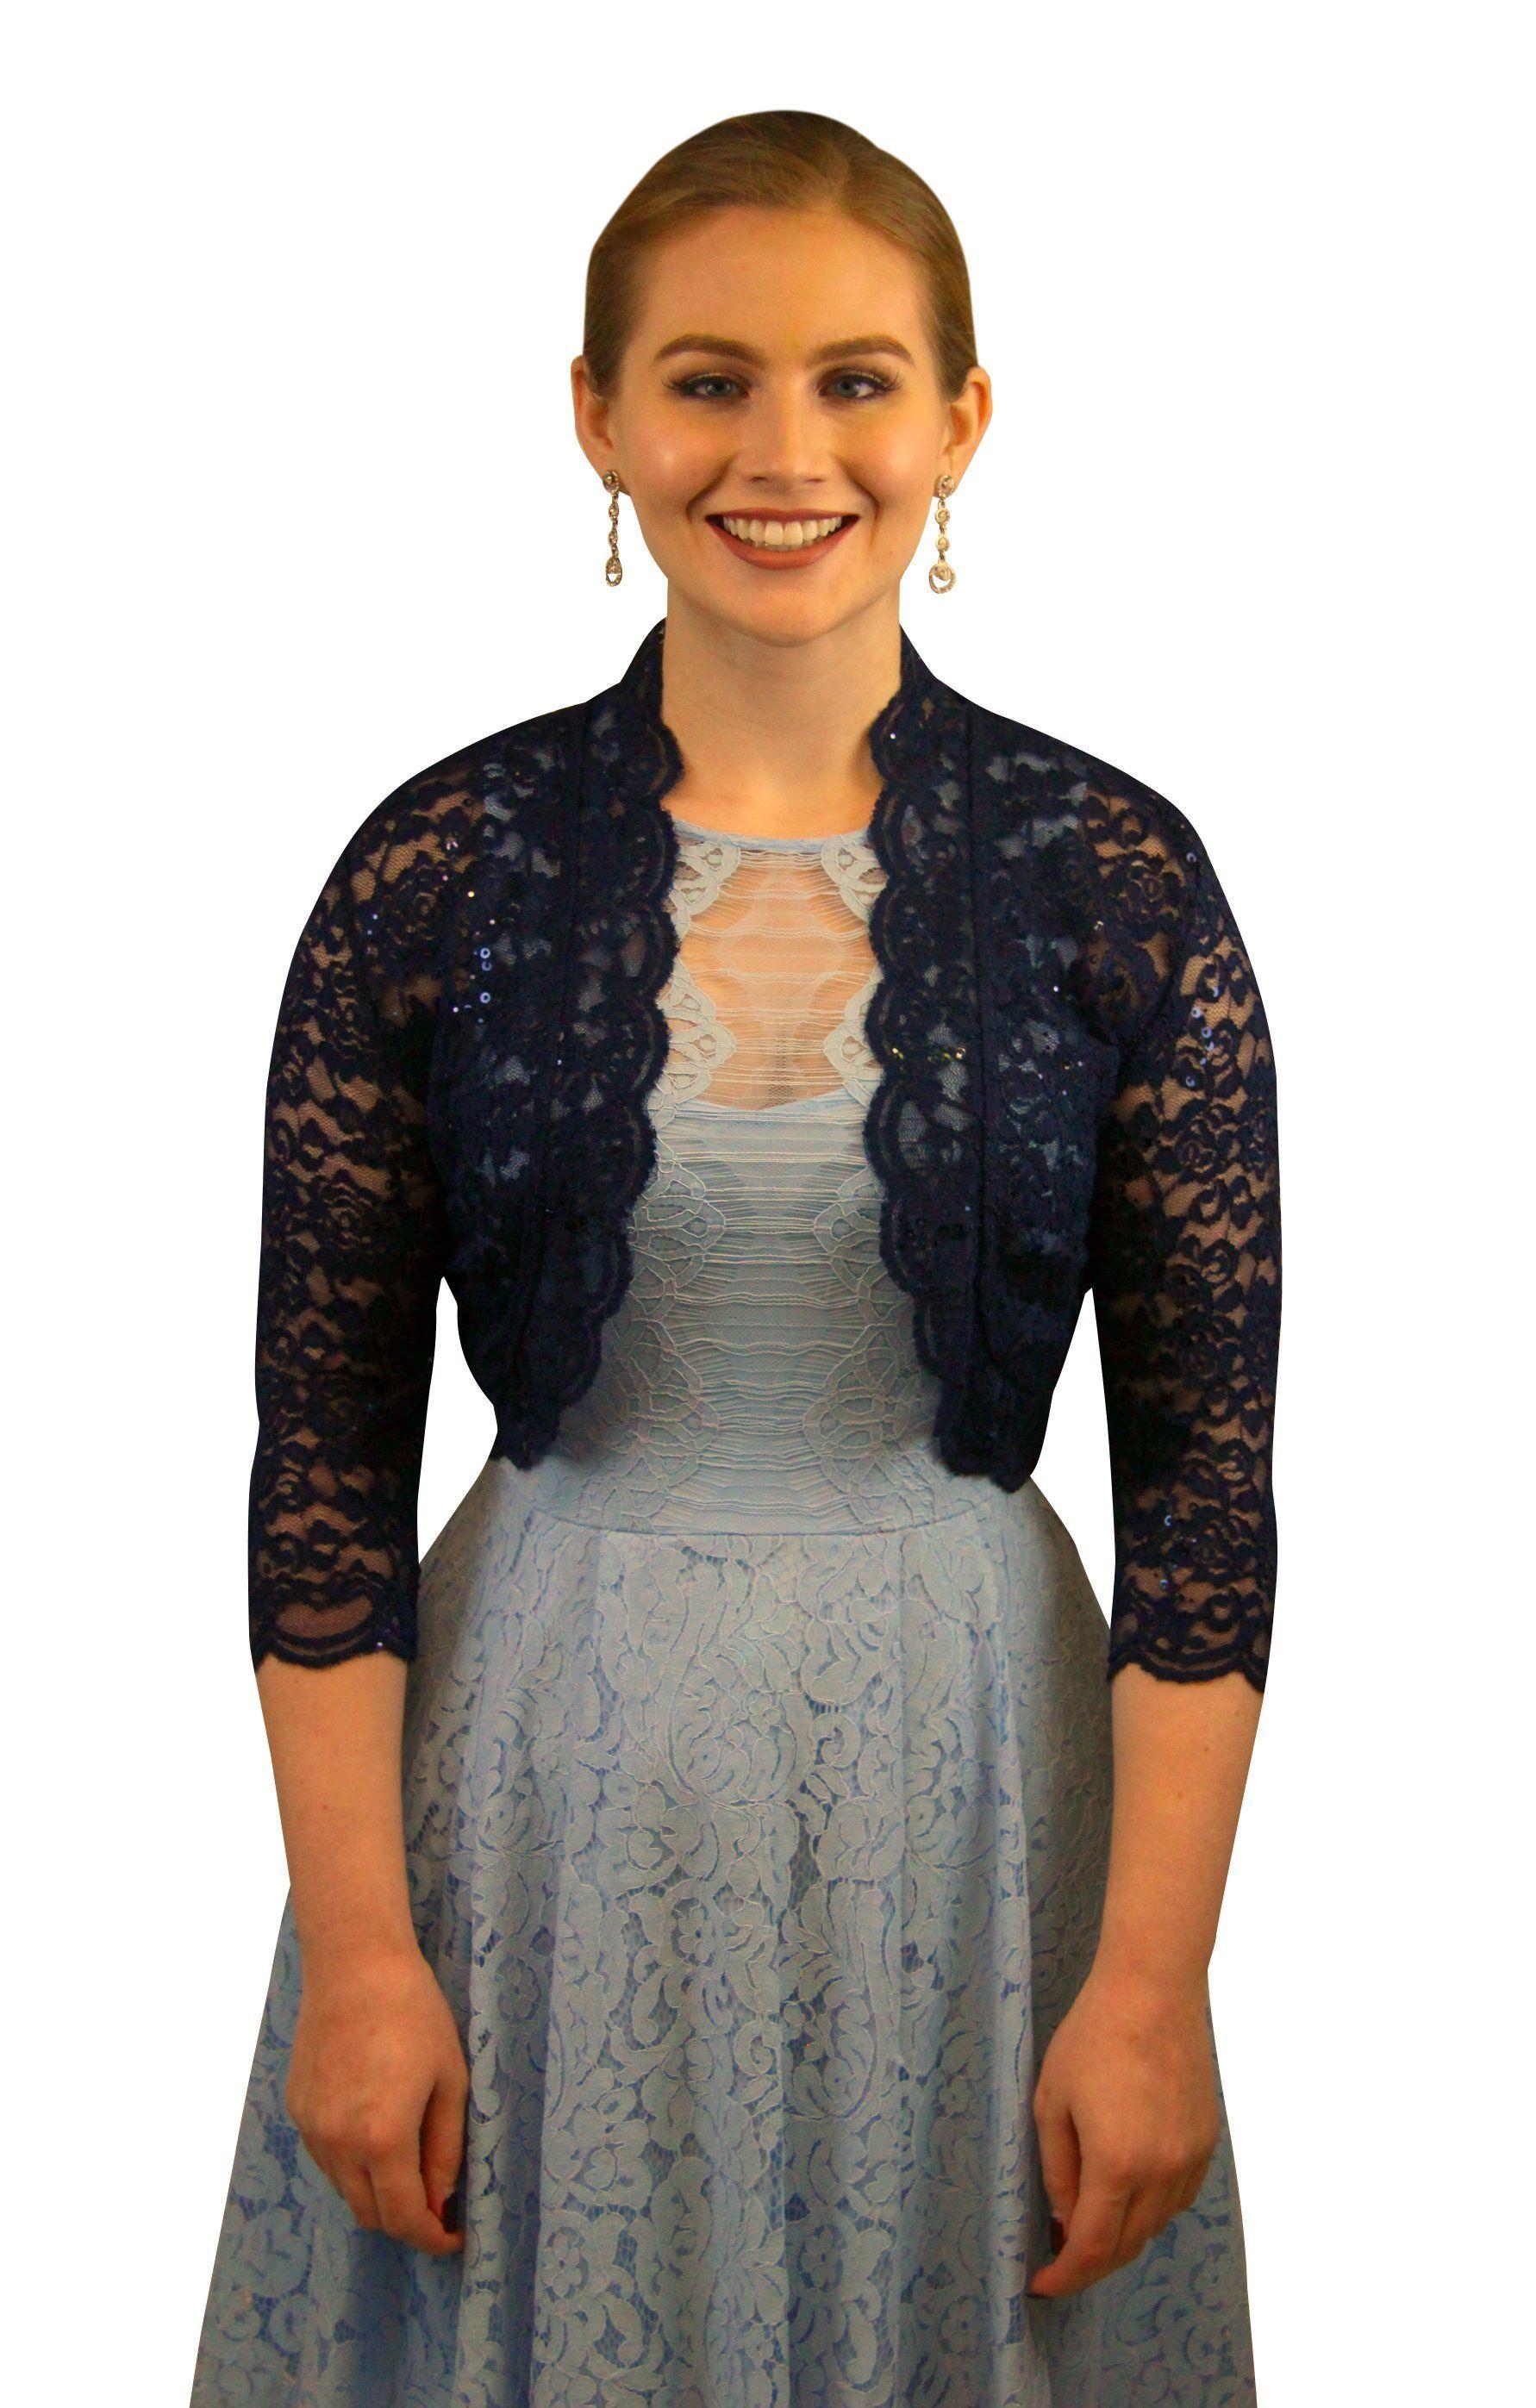 SleekTrends Women Elbow Sleeve Sequin Lace Bolero Jacket - Dressy